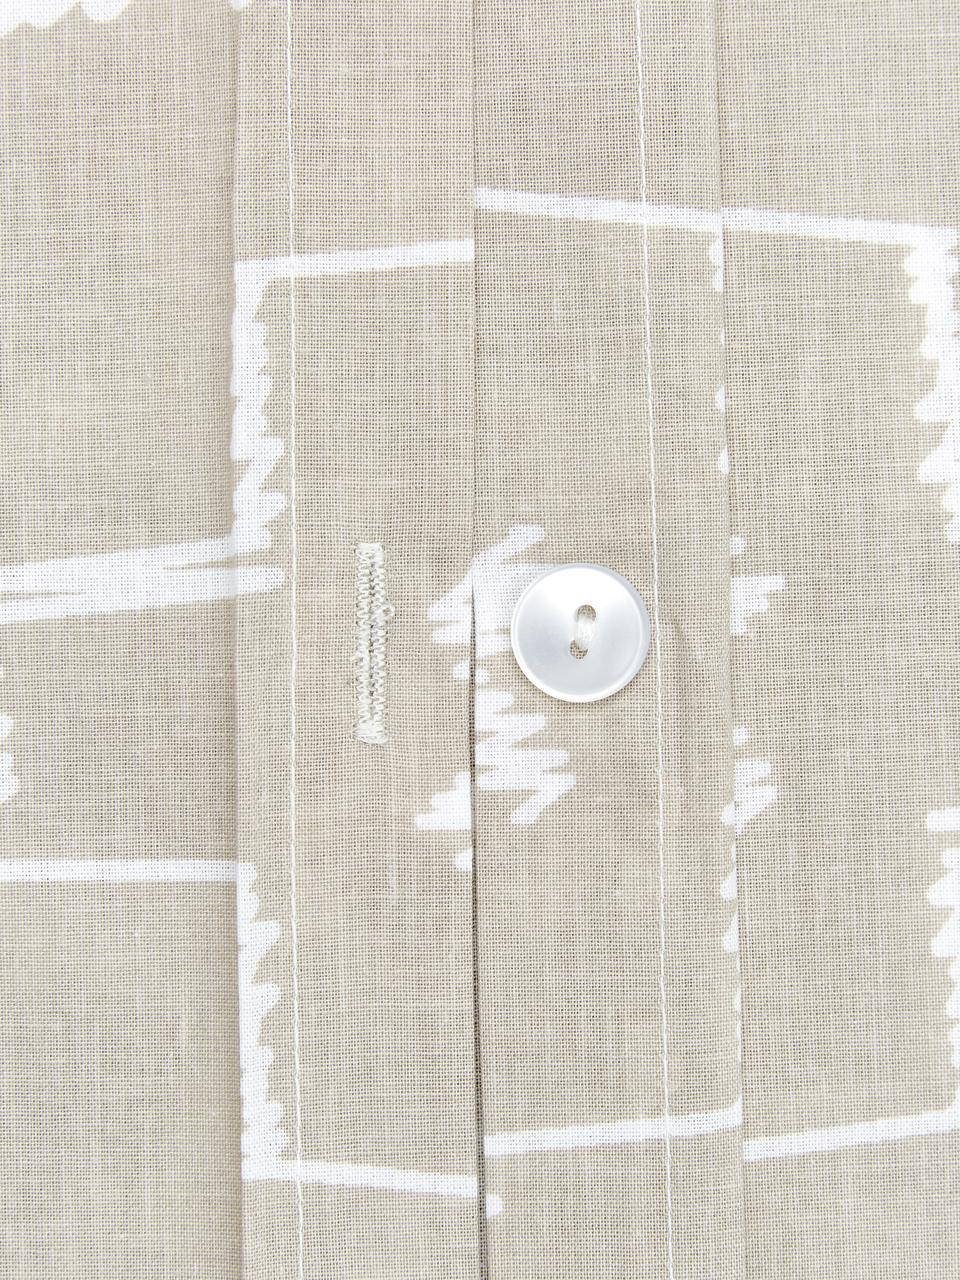 Baumwoll-Bettwäsche Kamila mit Bohomuster, Webart: Renforcé Fadendichte 144 , Beige, 135 x 200 cm + 1 Kissen 80 x 80 cm